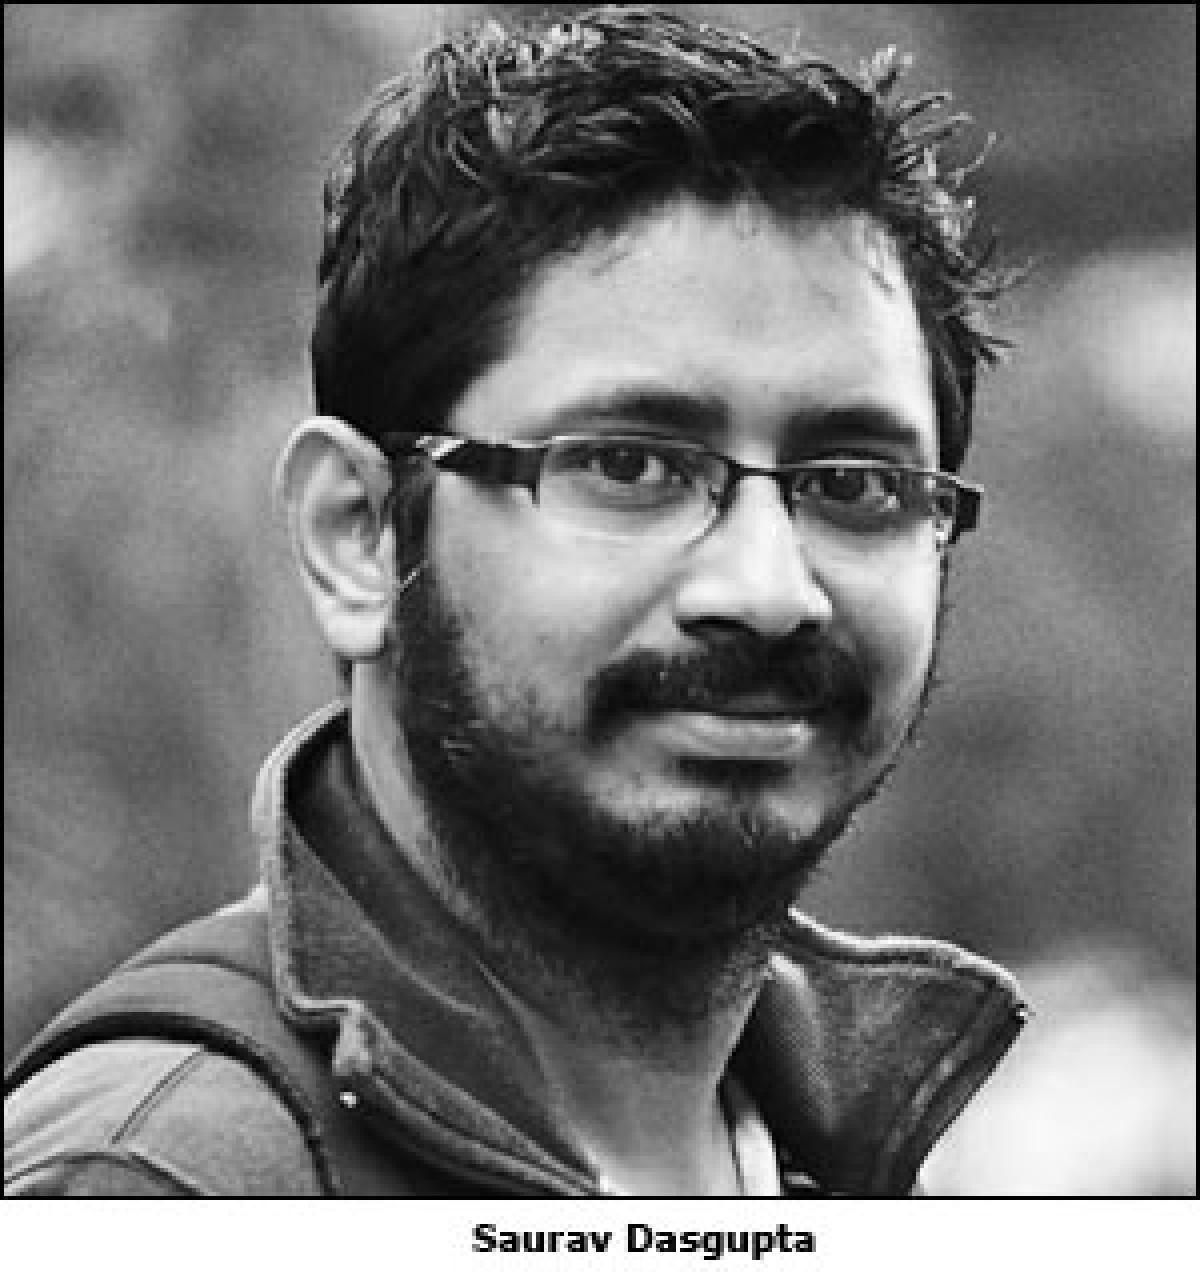 Hakuhodo Percept appoints Saurav Dasgupta as creative director